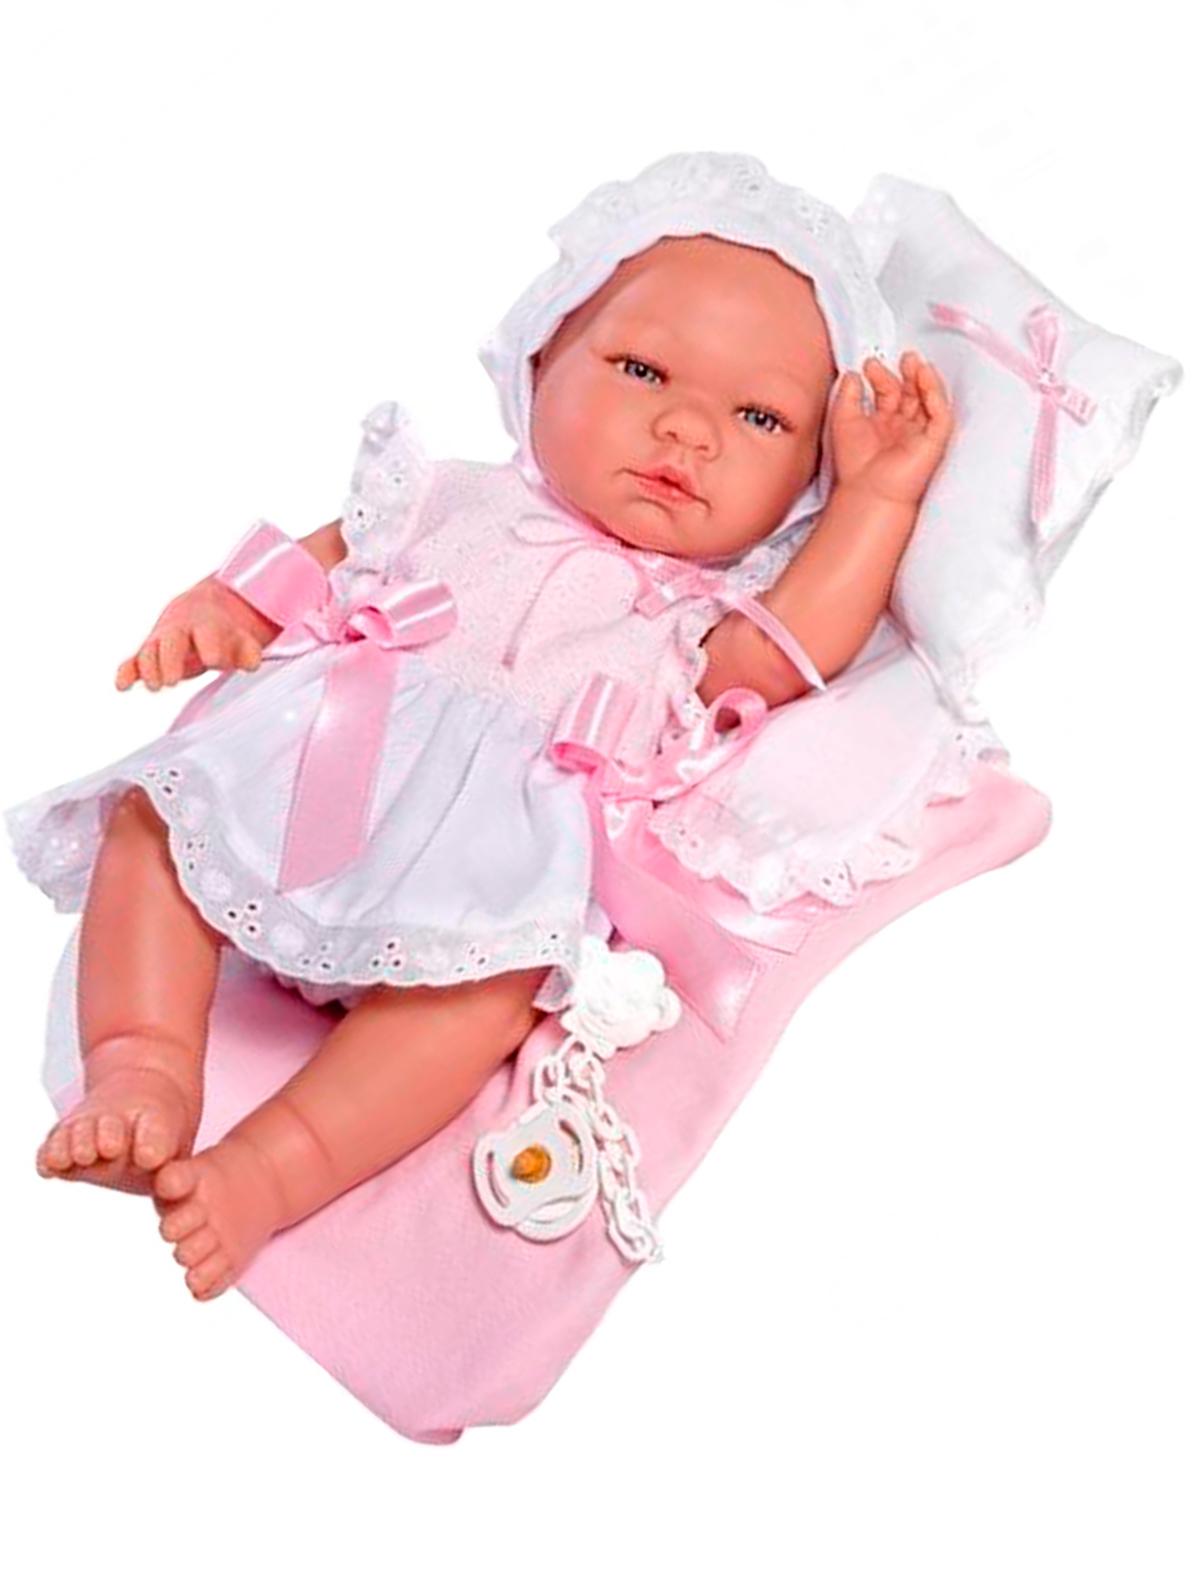 Купить 2125215, Игрушка ASI, розовый, Женский, 7132600980154